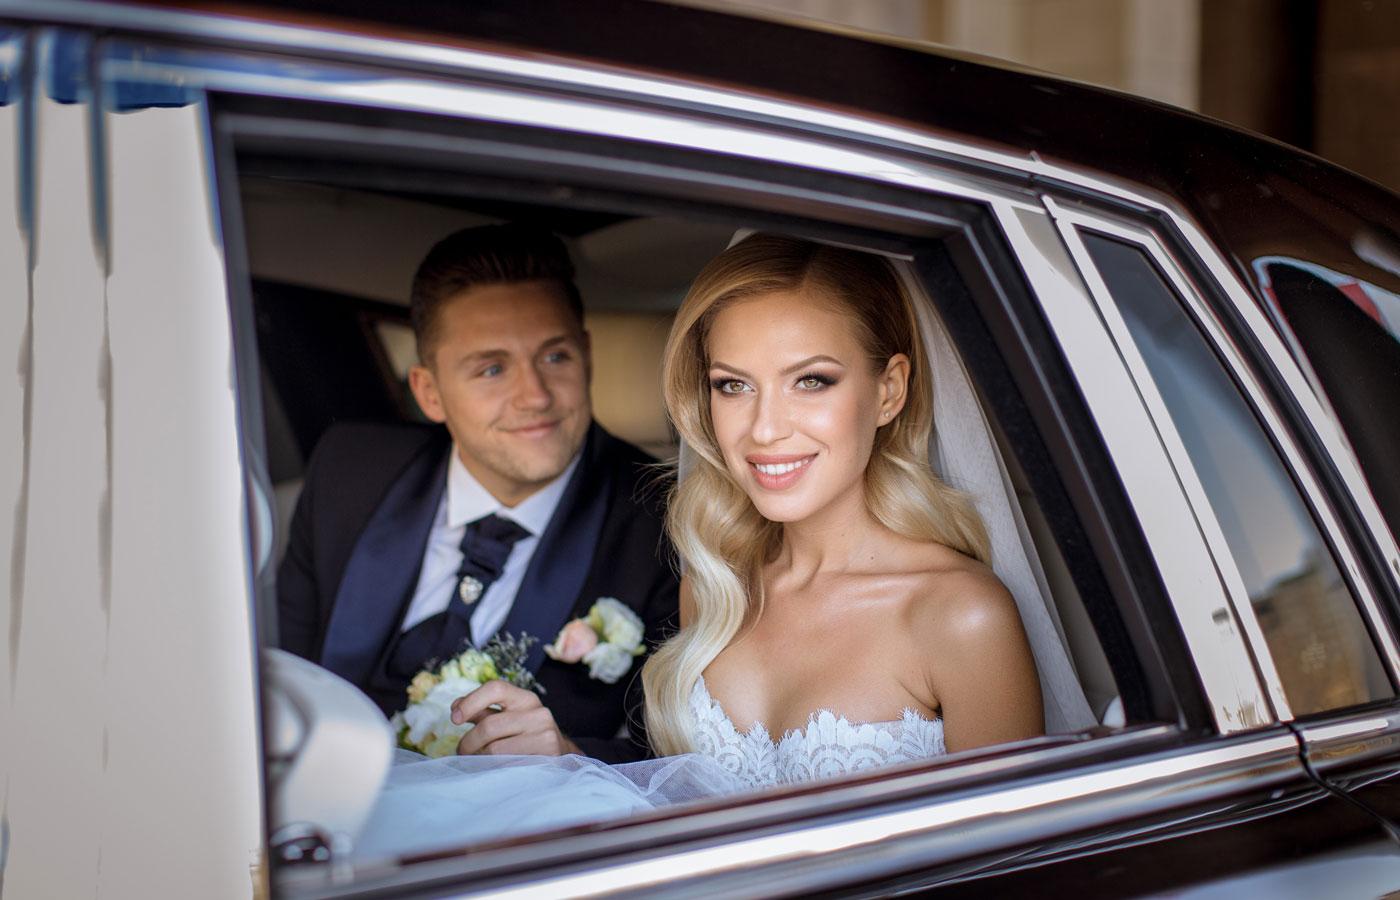 Влад Соколовский: биография, личная жизнь, семья, жена, дети — фото